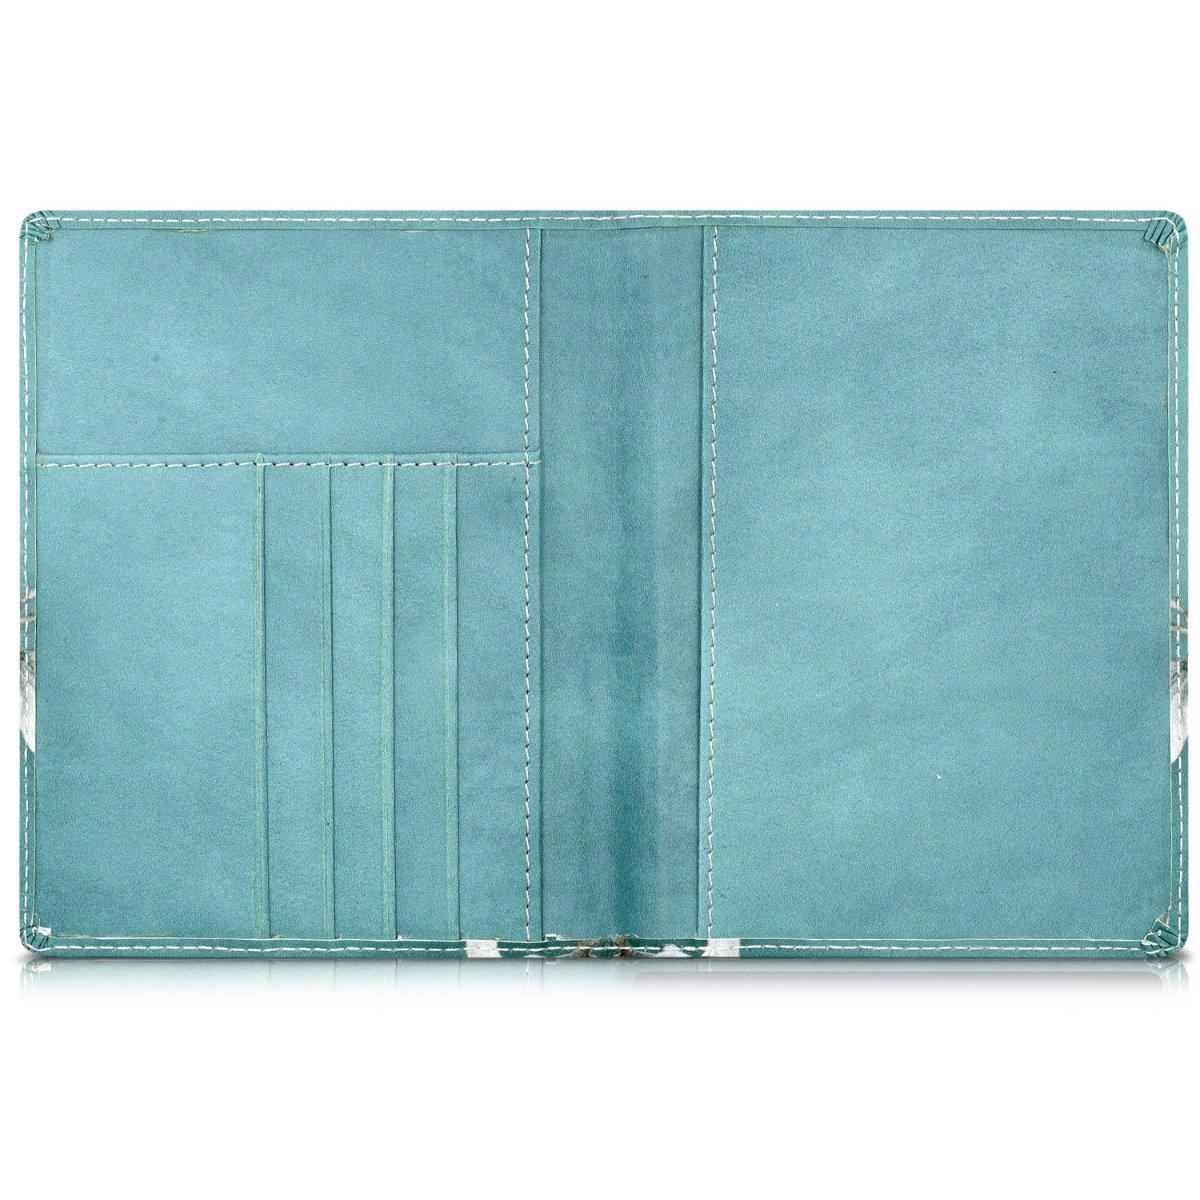 kwmobile Porte-Passeport avec Compartiments Cartes /Étui de Protection Simili Cuir Bleu fonc/é avec Emplacement Carte Bleue Portefeuille Passeport